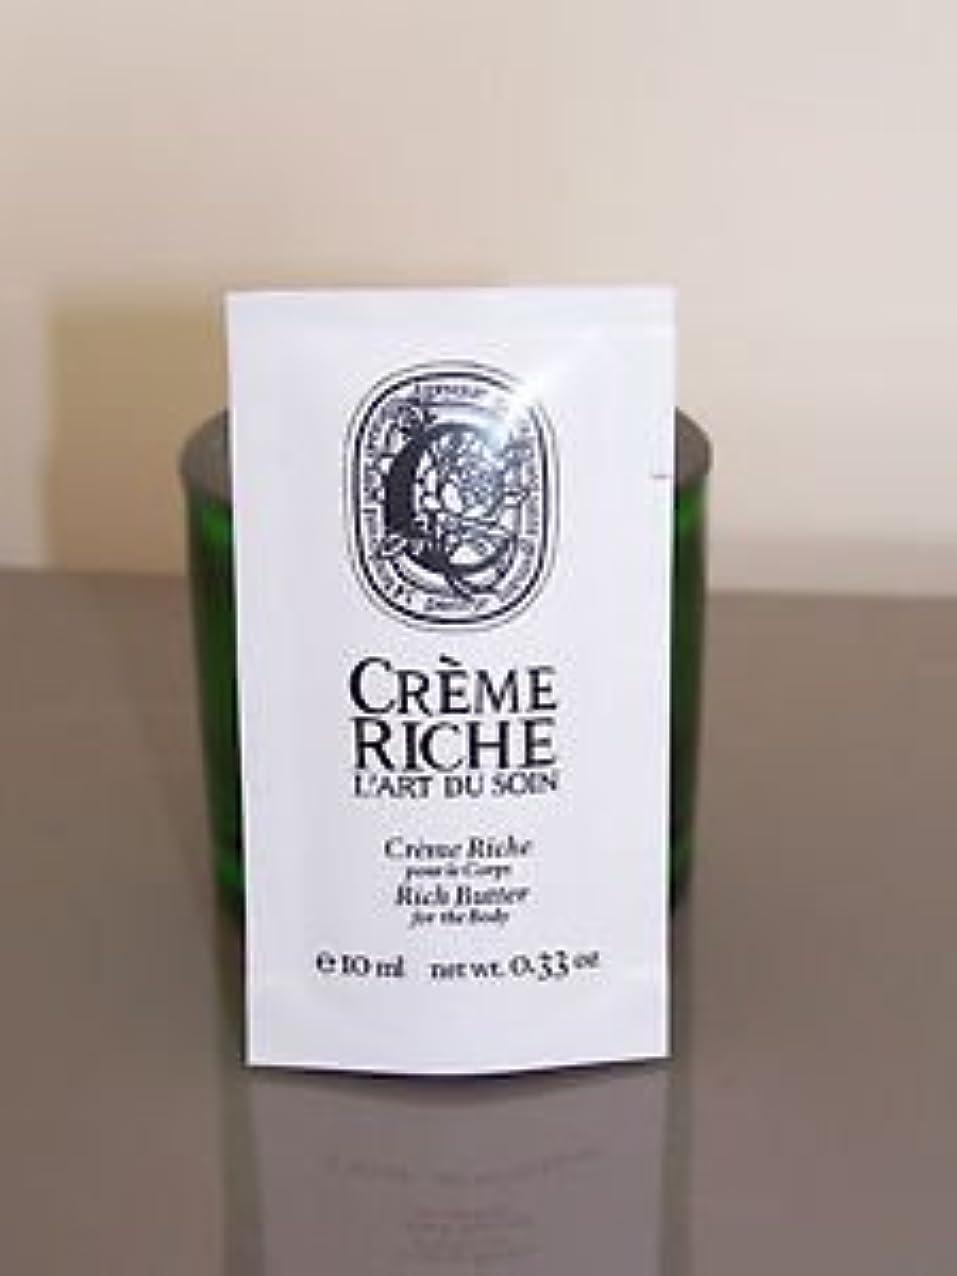 寂しい比喩伝統Diptyque Creme Riche (ディプティック クレーム リッチ) 0.33 oz (10ml) ボディーバター (ボディークリーム) サンプル for Women